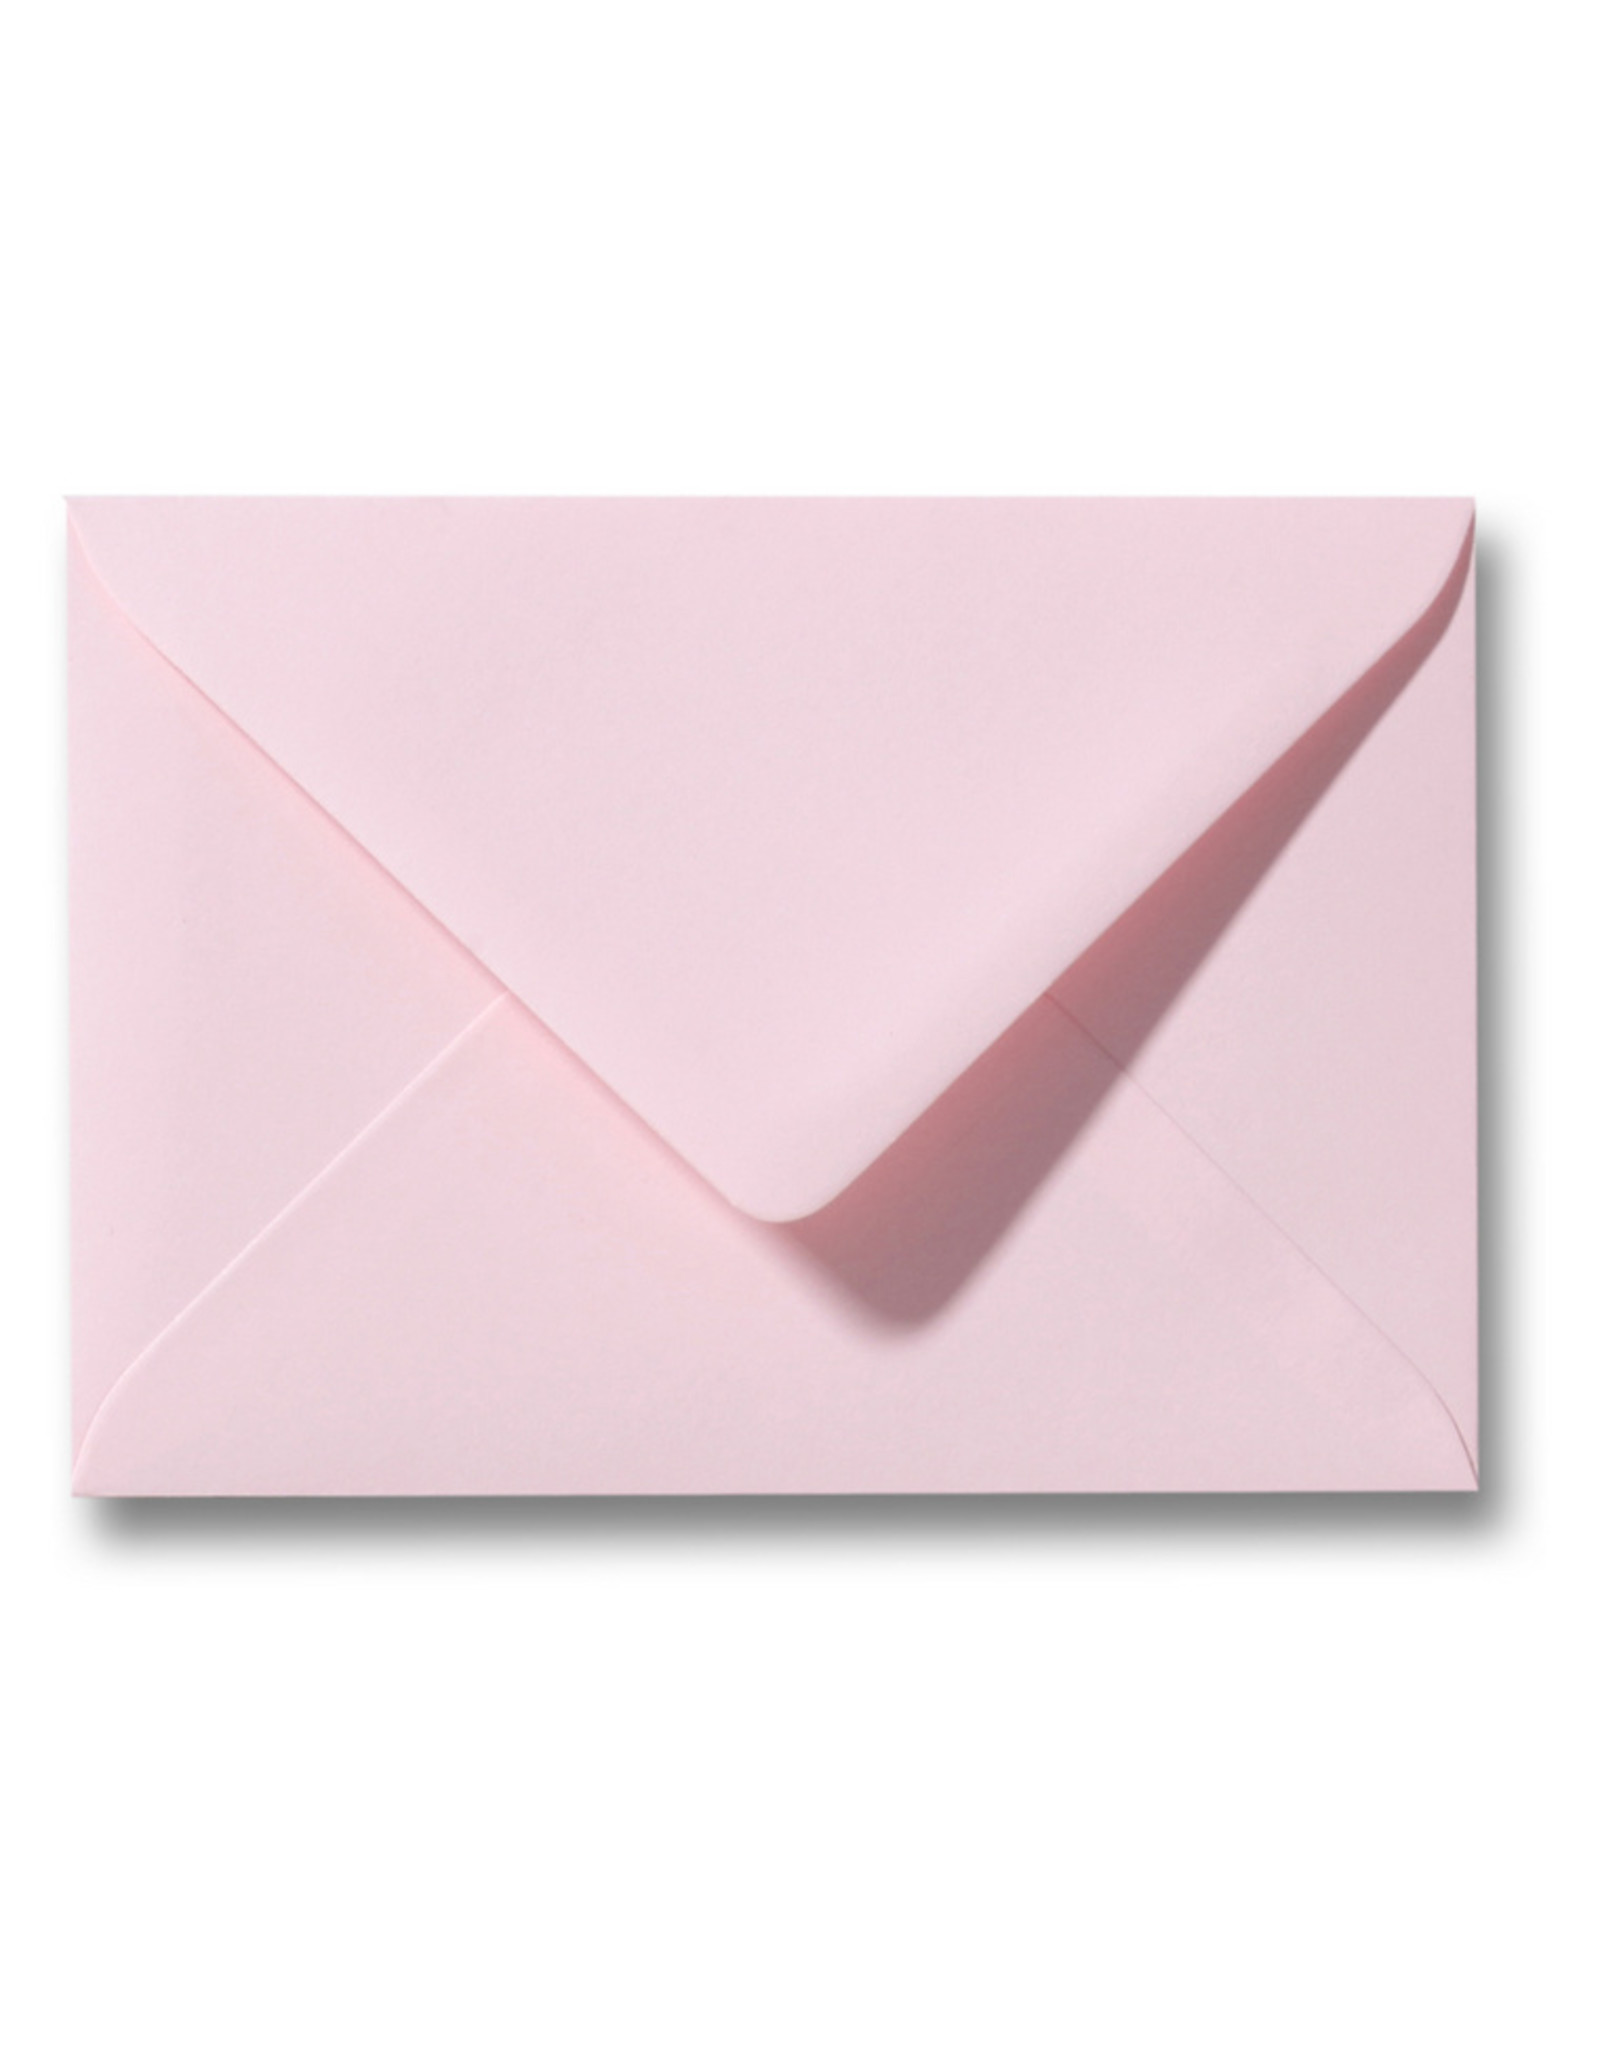 www.Robin.cards Blanco effen envelop Lichtroze